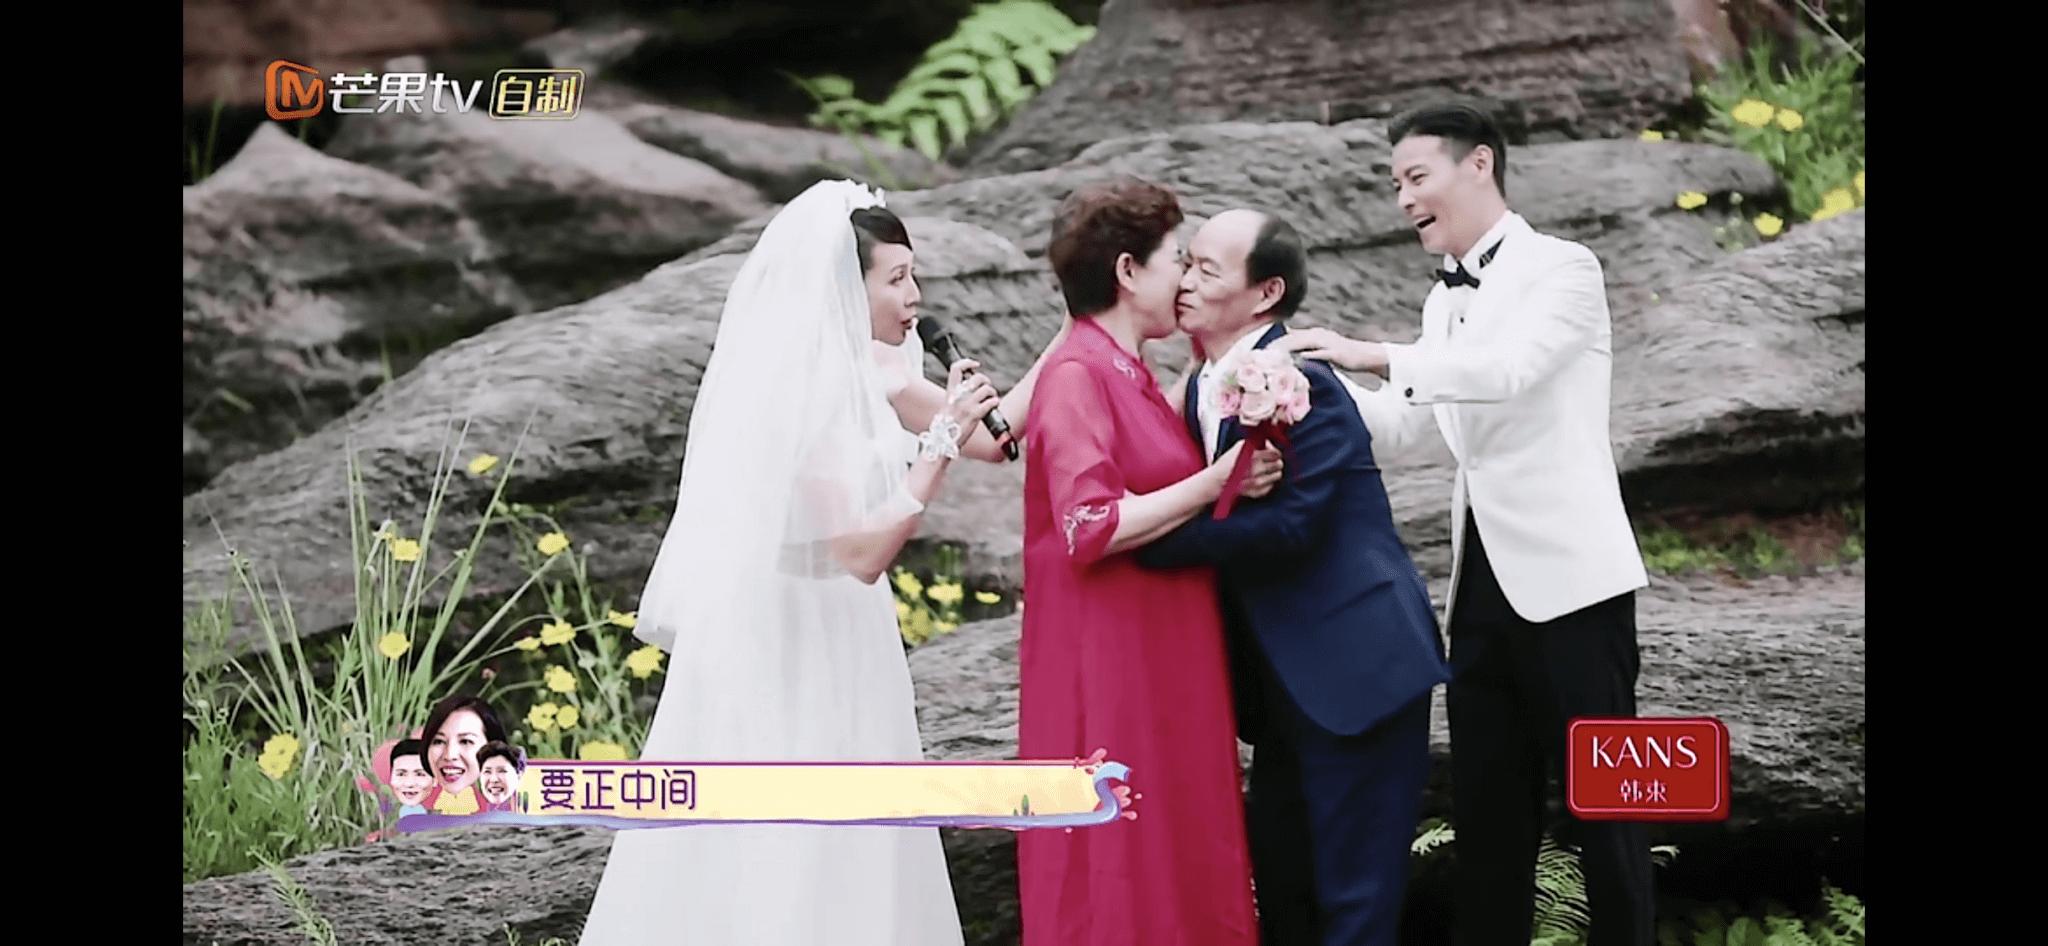 拍攝內地綜藝節目《我最愛的女人們》,Ada和張晉再次穿起婚紗禮服拍攝婚照,當時Ada已懷了第三胎。